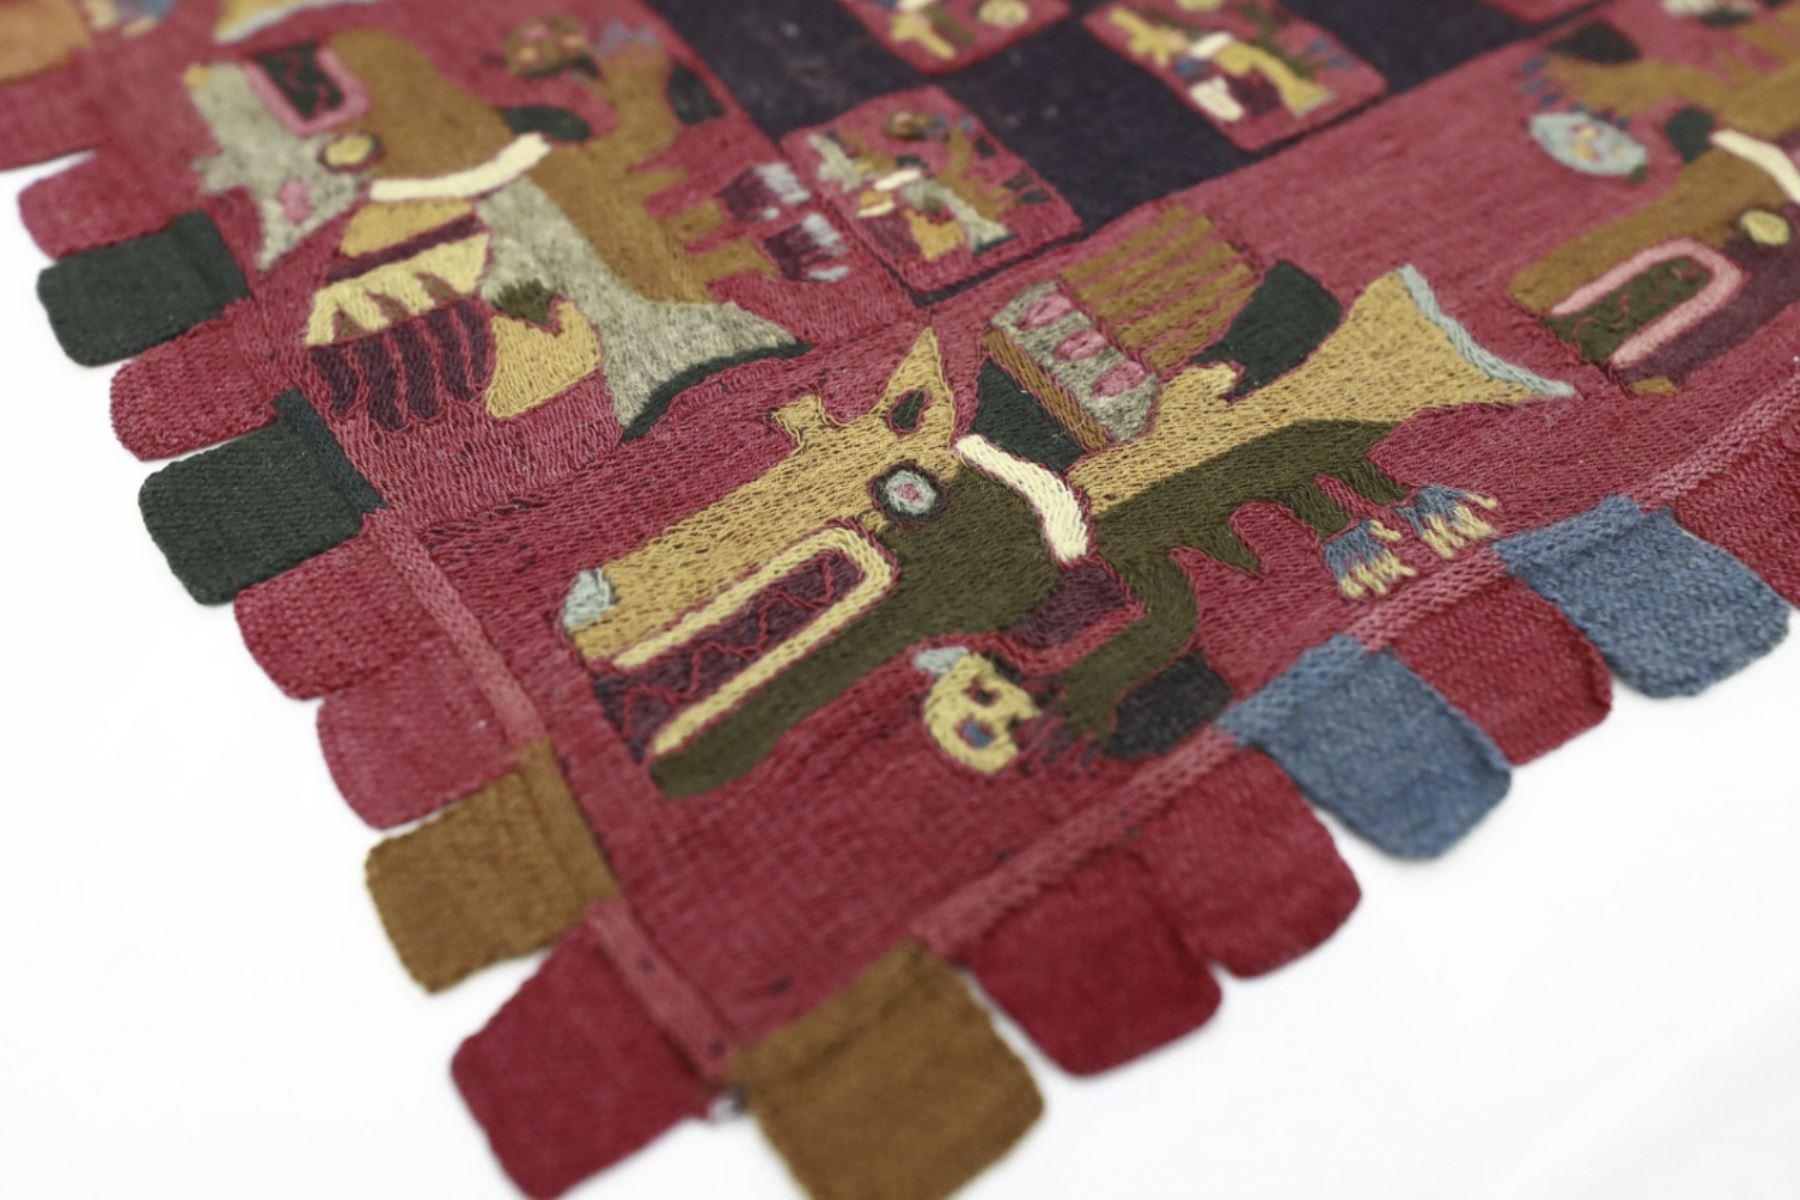 Valiosos textiles Paracas hallados por Julio C. Tello regresan al Perú tras 90 años